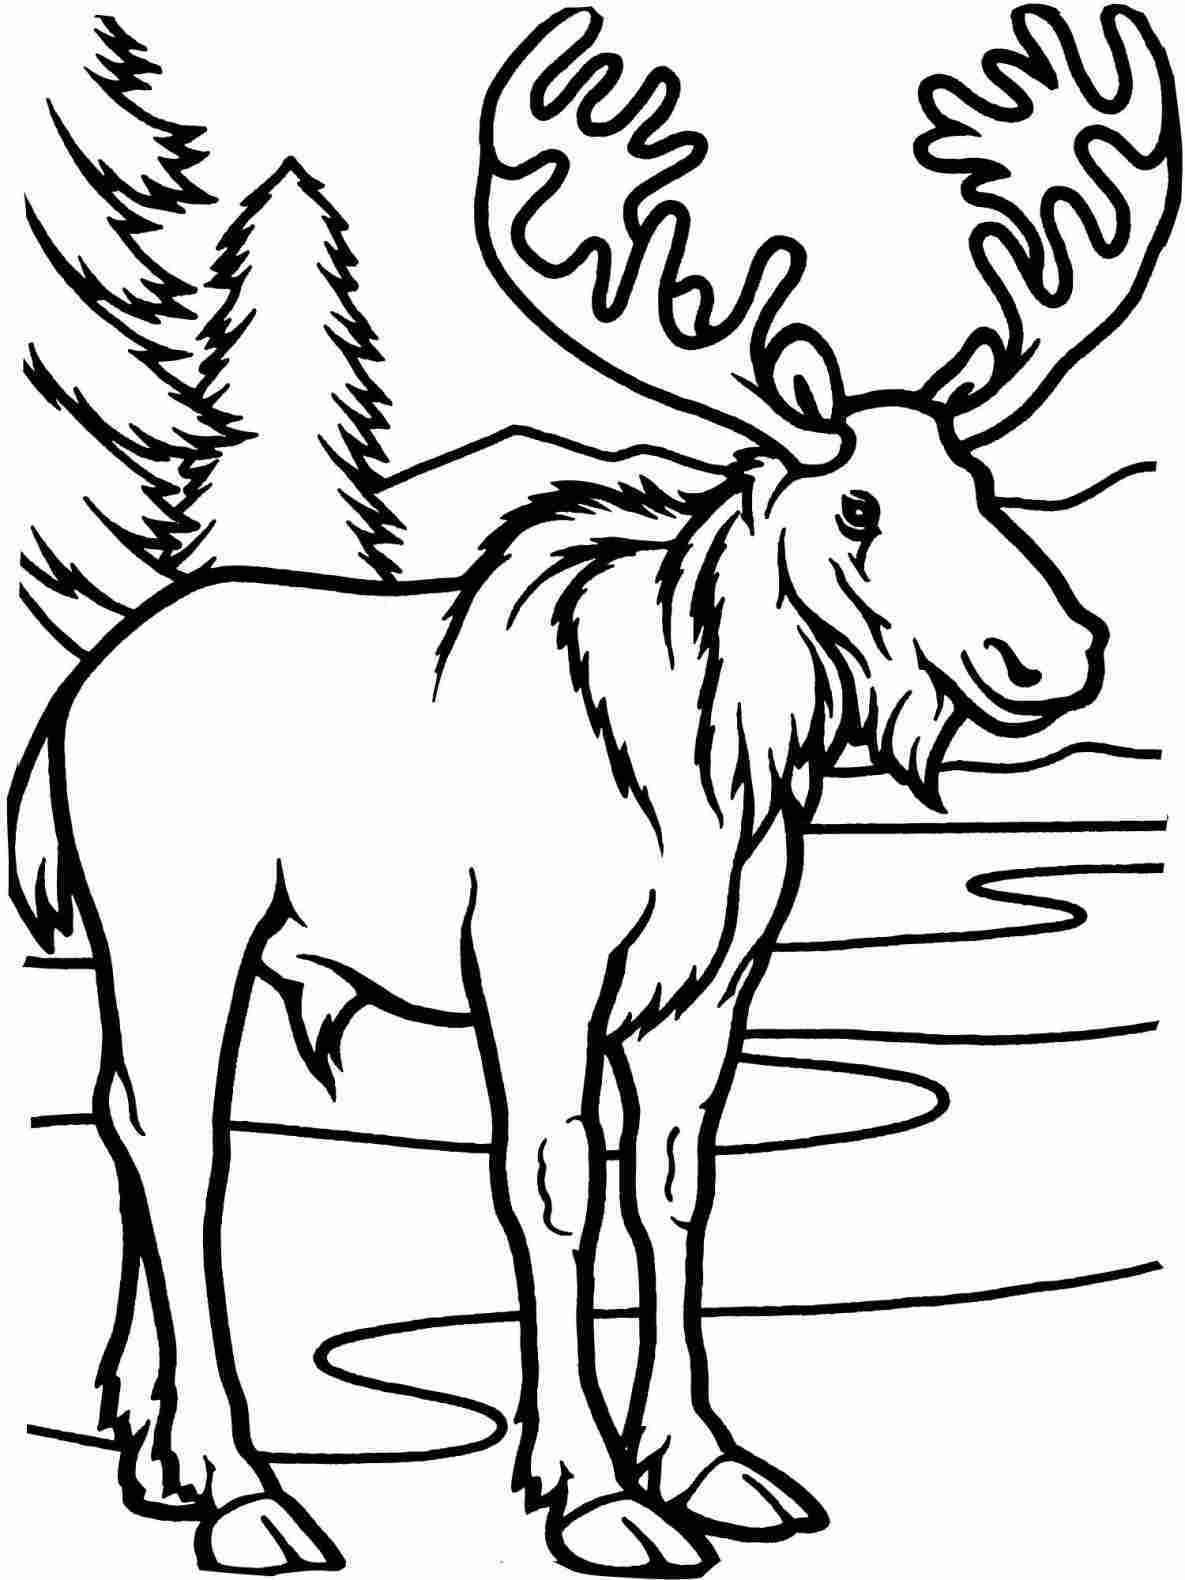 1185x1580 Easy Deer Drawings In Pencil